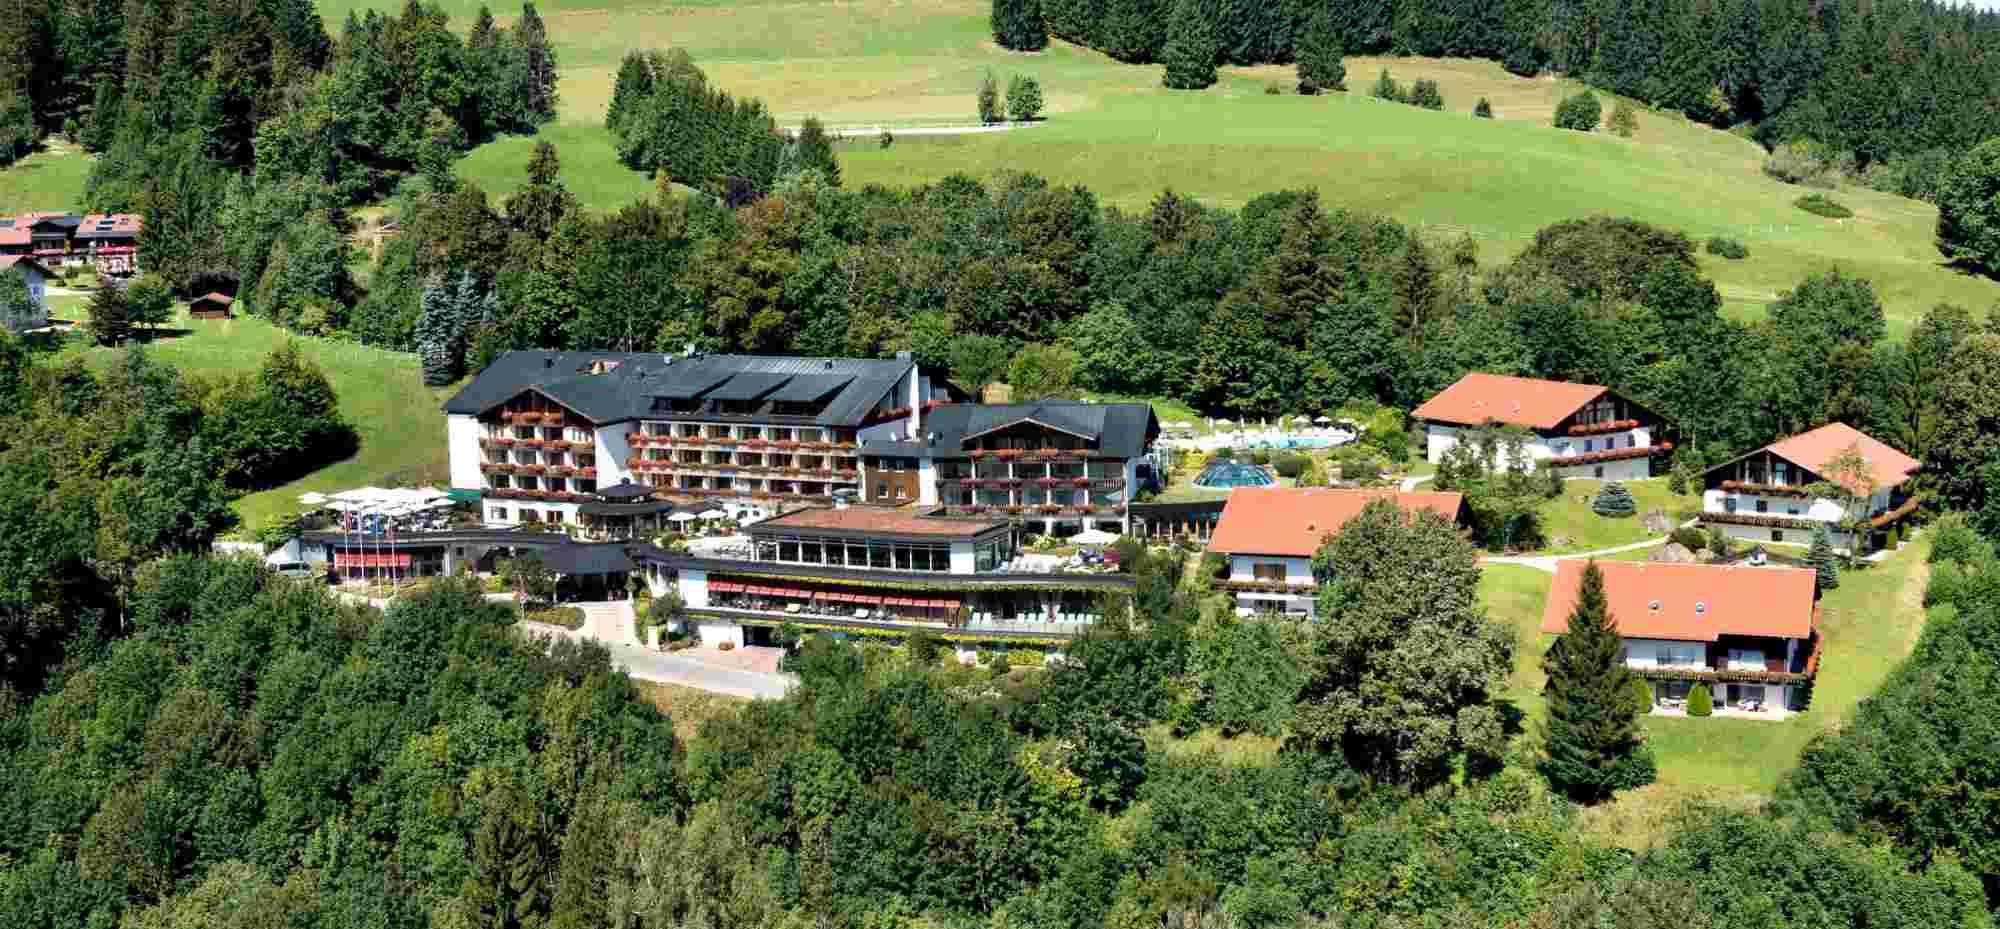 Hotel Allgäu Sonne in Oberstaufen, von oben